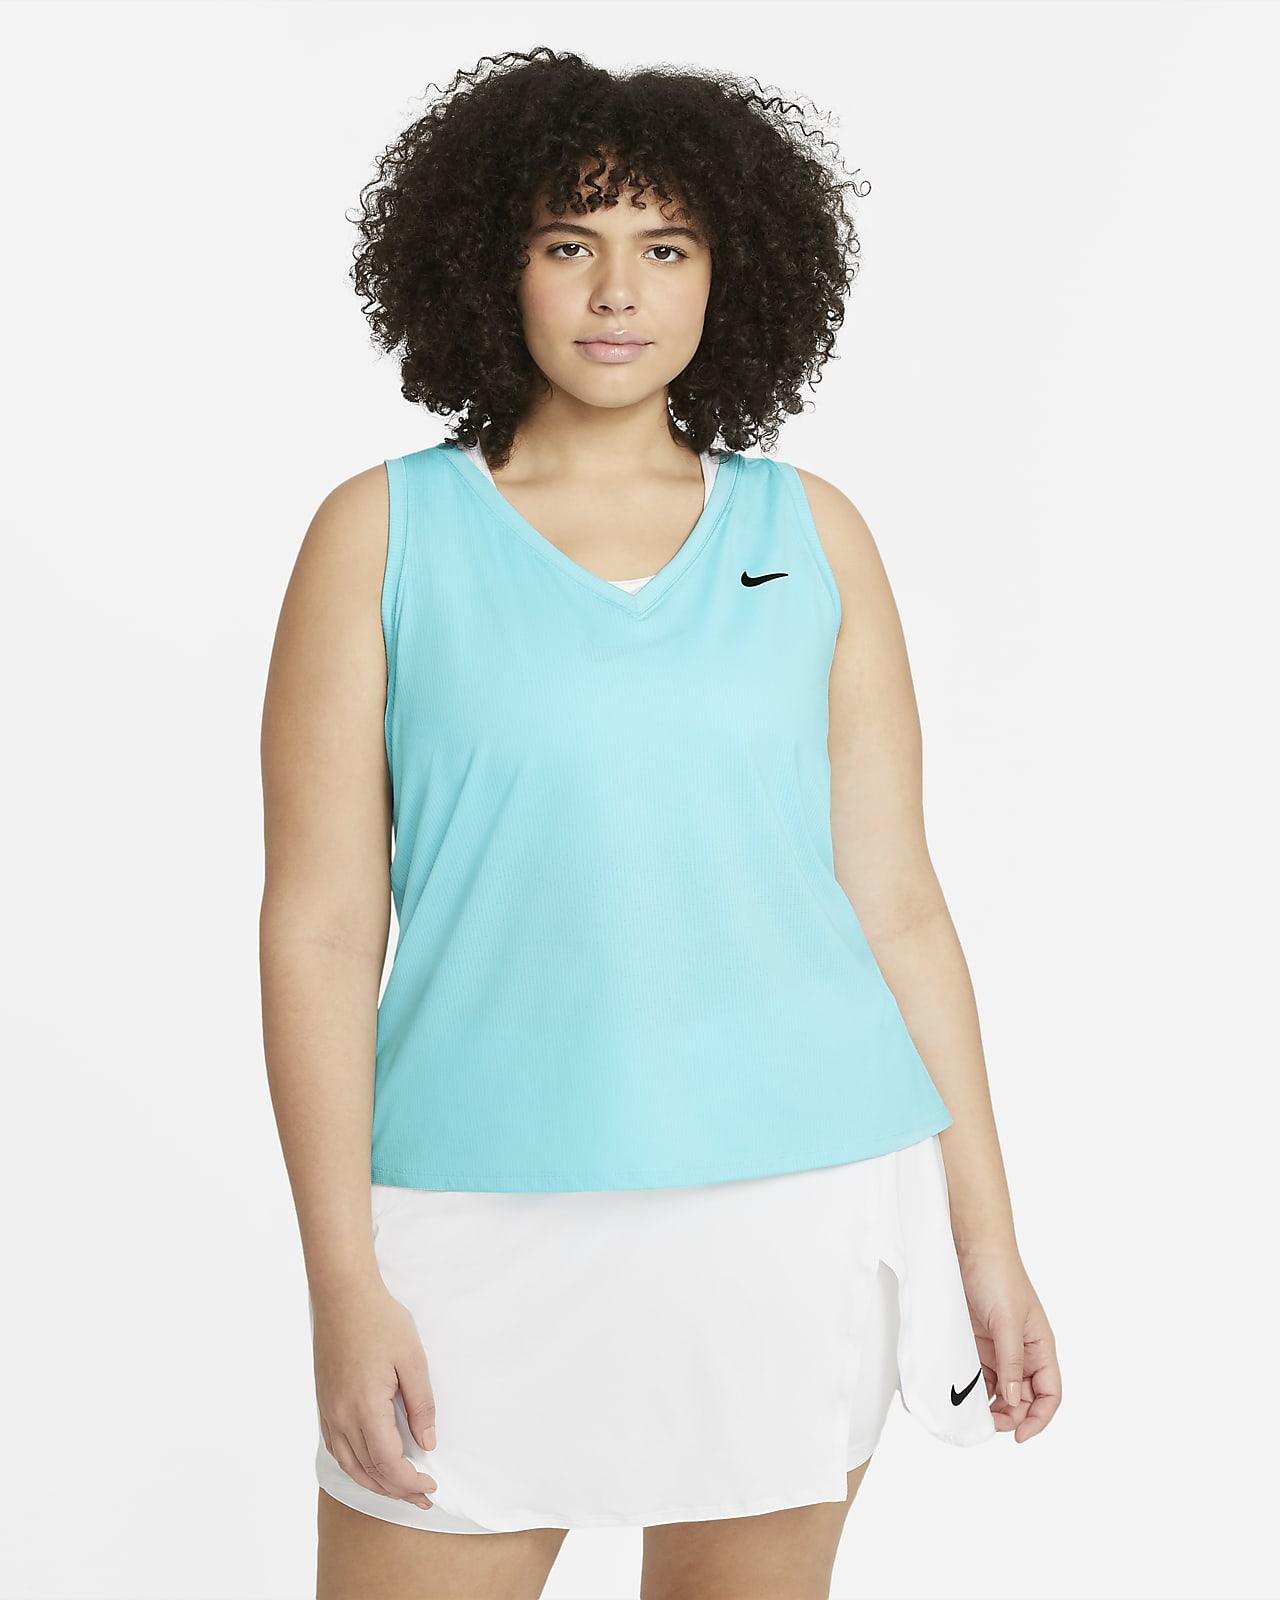 Женская теннисная майка NikeCourt Victory (большие размеры)